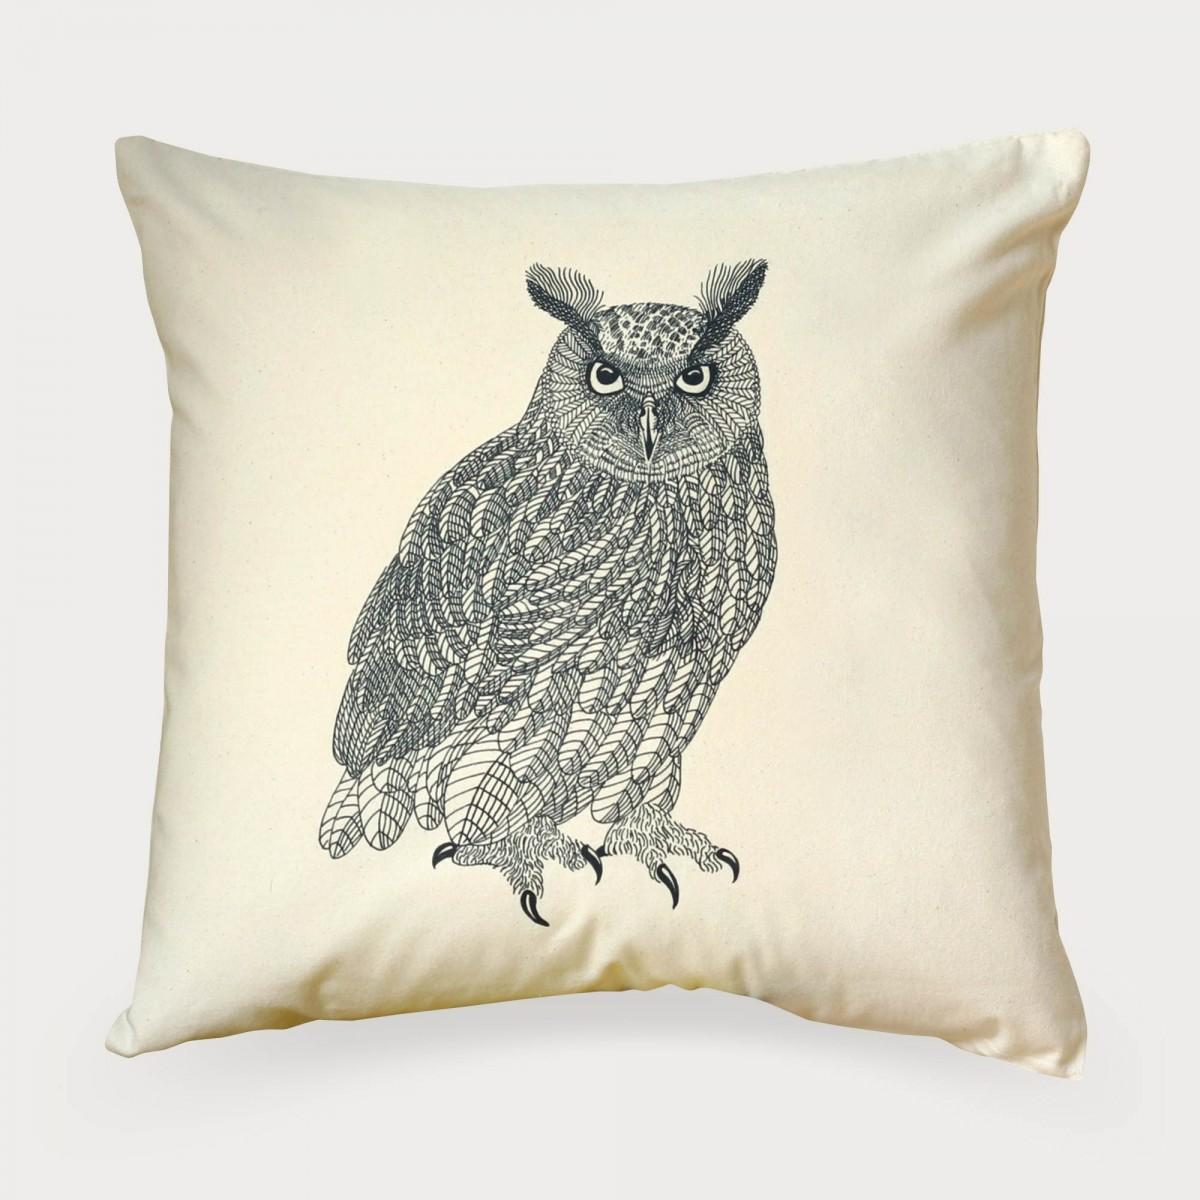 Eagle Owl Print Cushion Cover